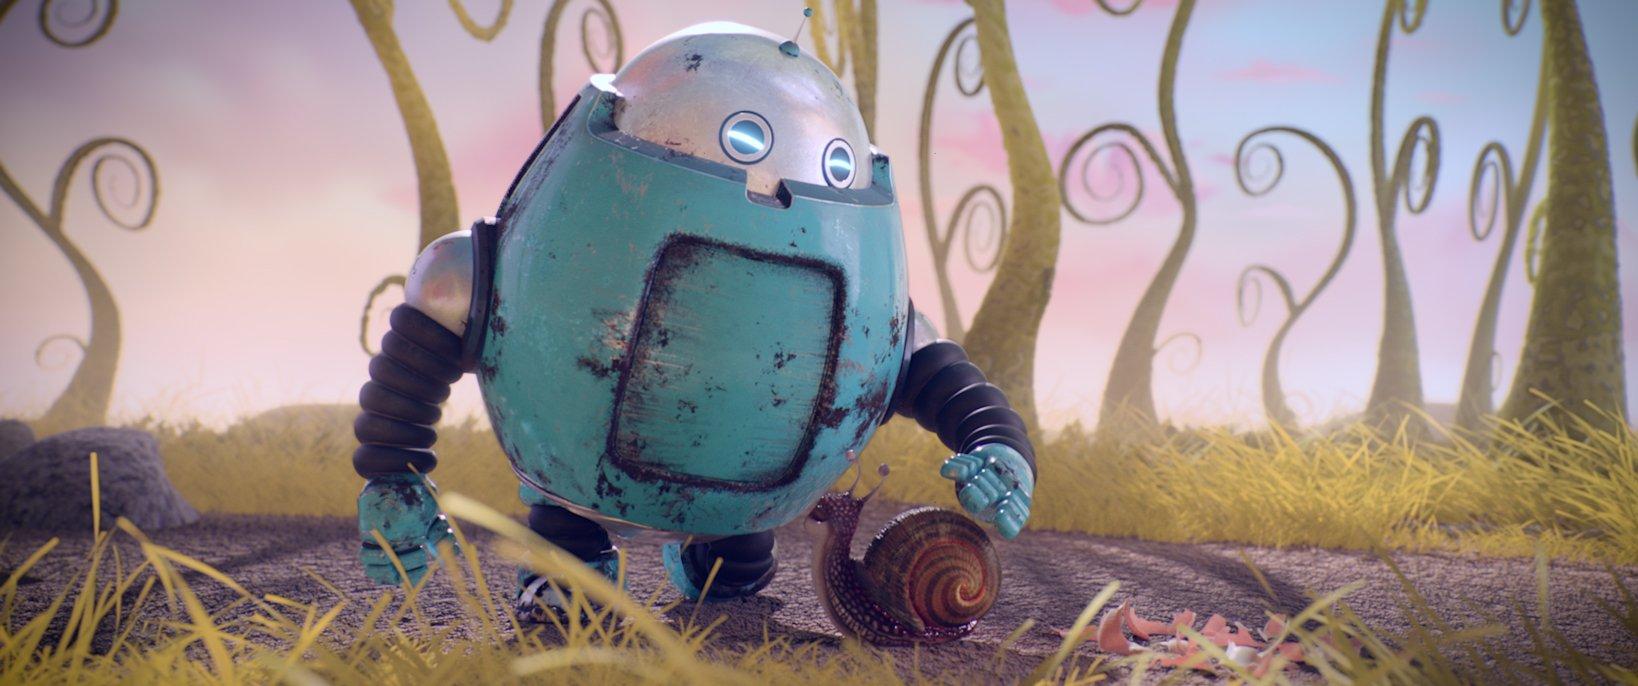 Przygody dzikich dzieci. Robot i wieloryb | Film i warsztaty | 6+